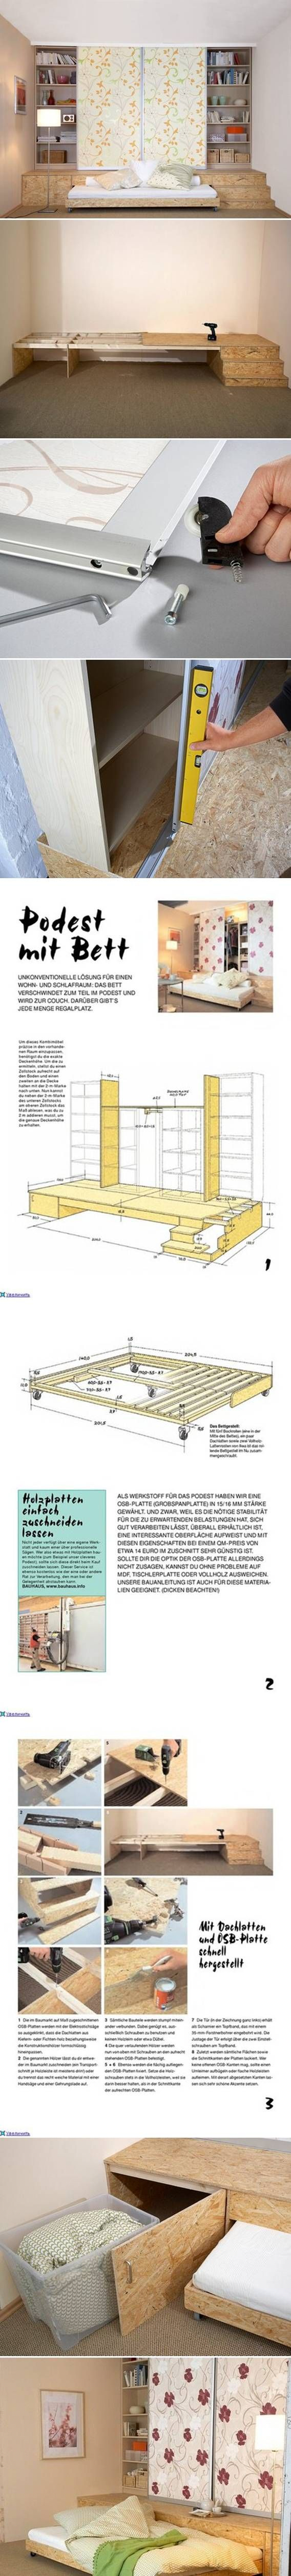 Idée salle de jeux avec des rangements sous l'estrade et un petit coin bureau/lecture sur l'estrade